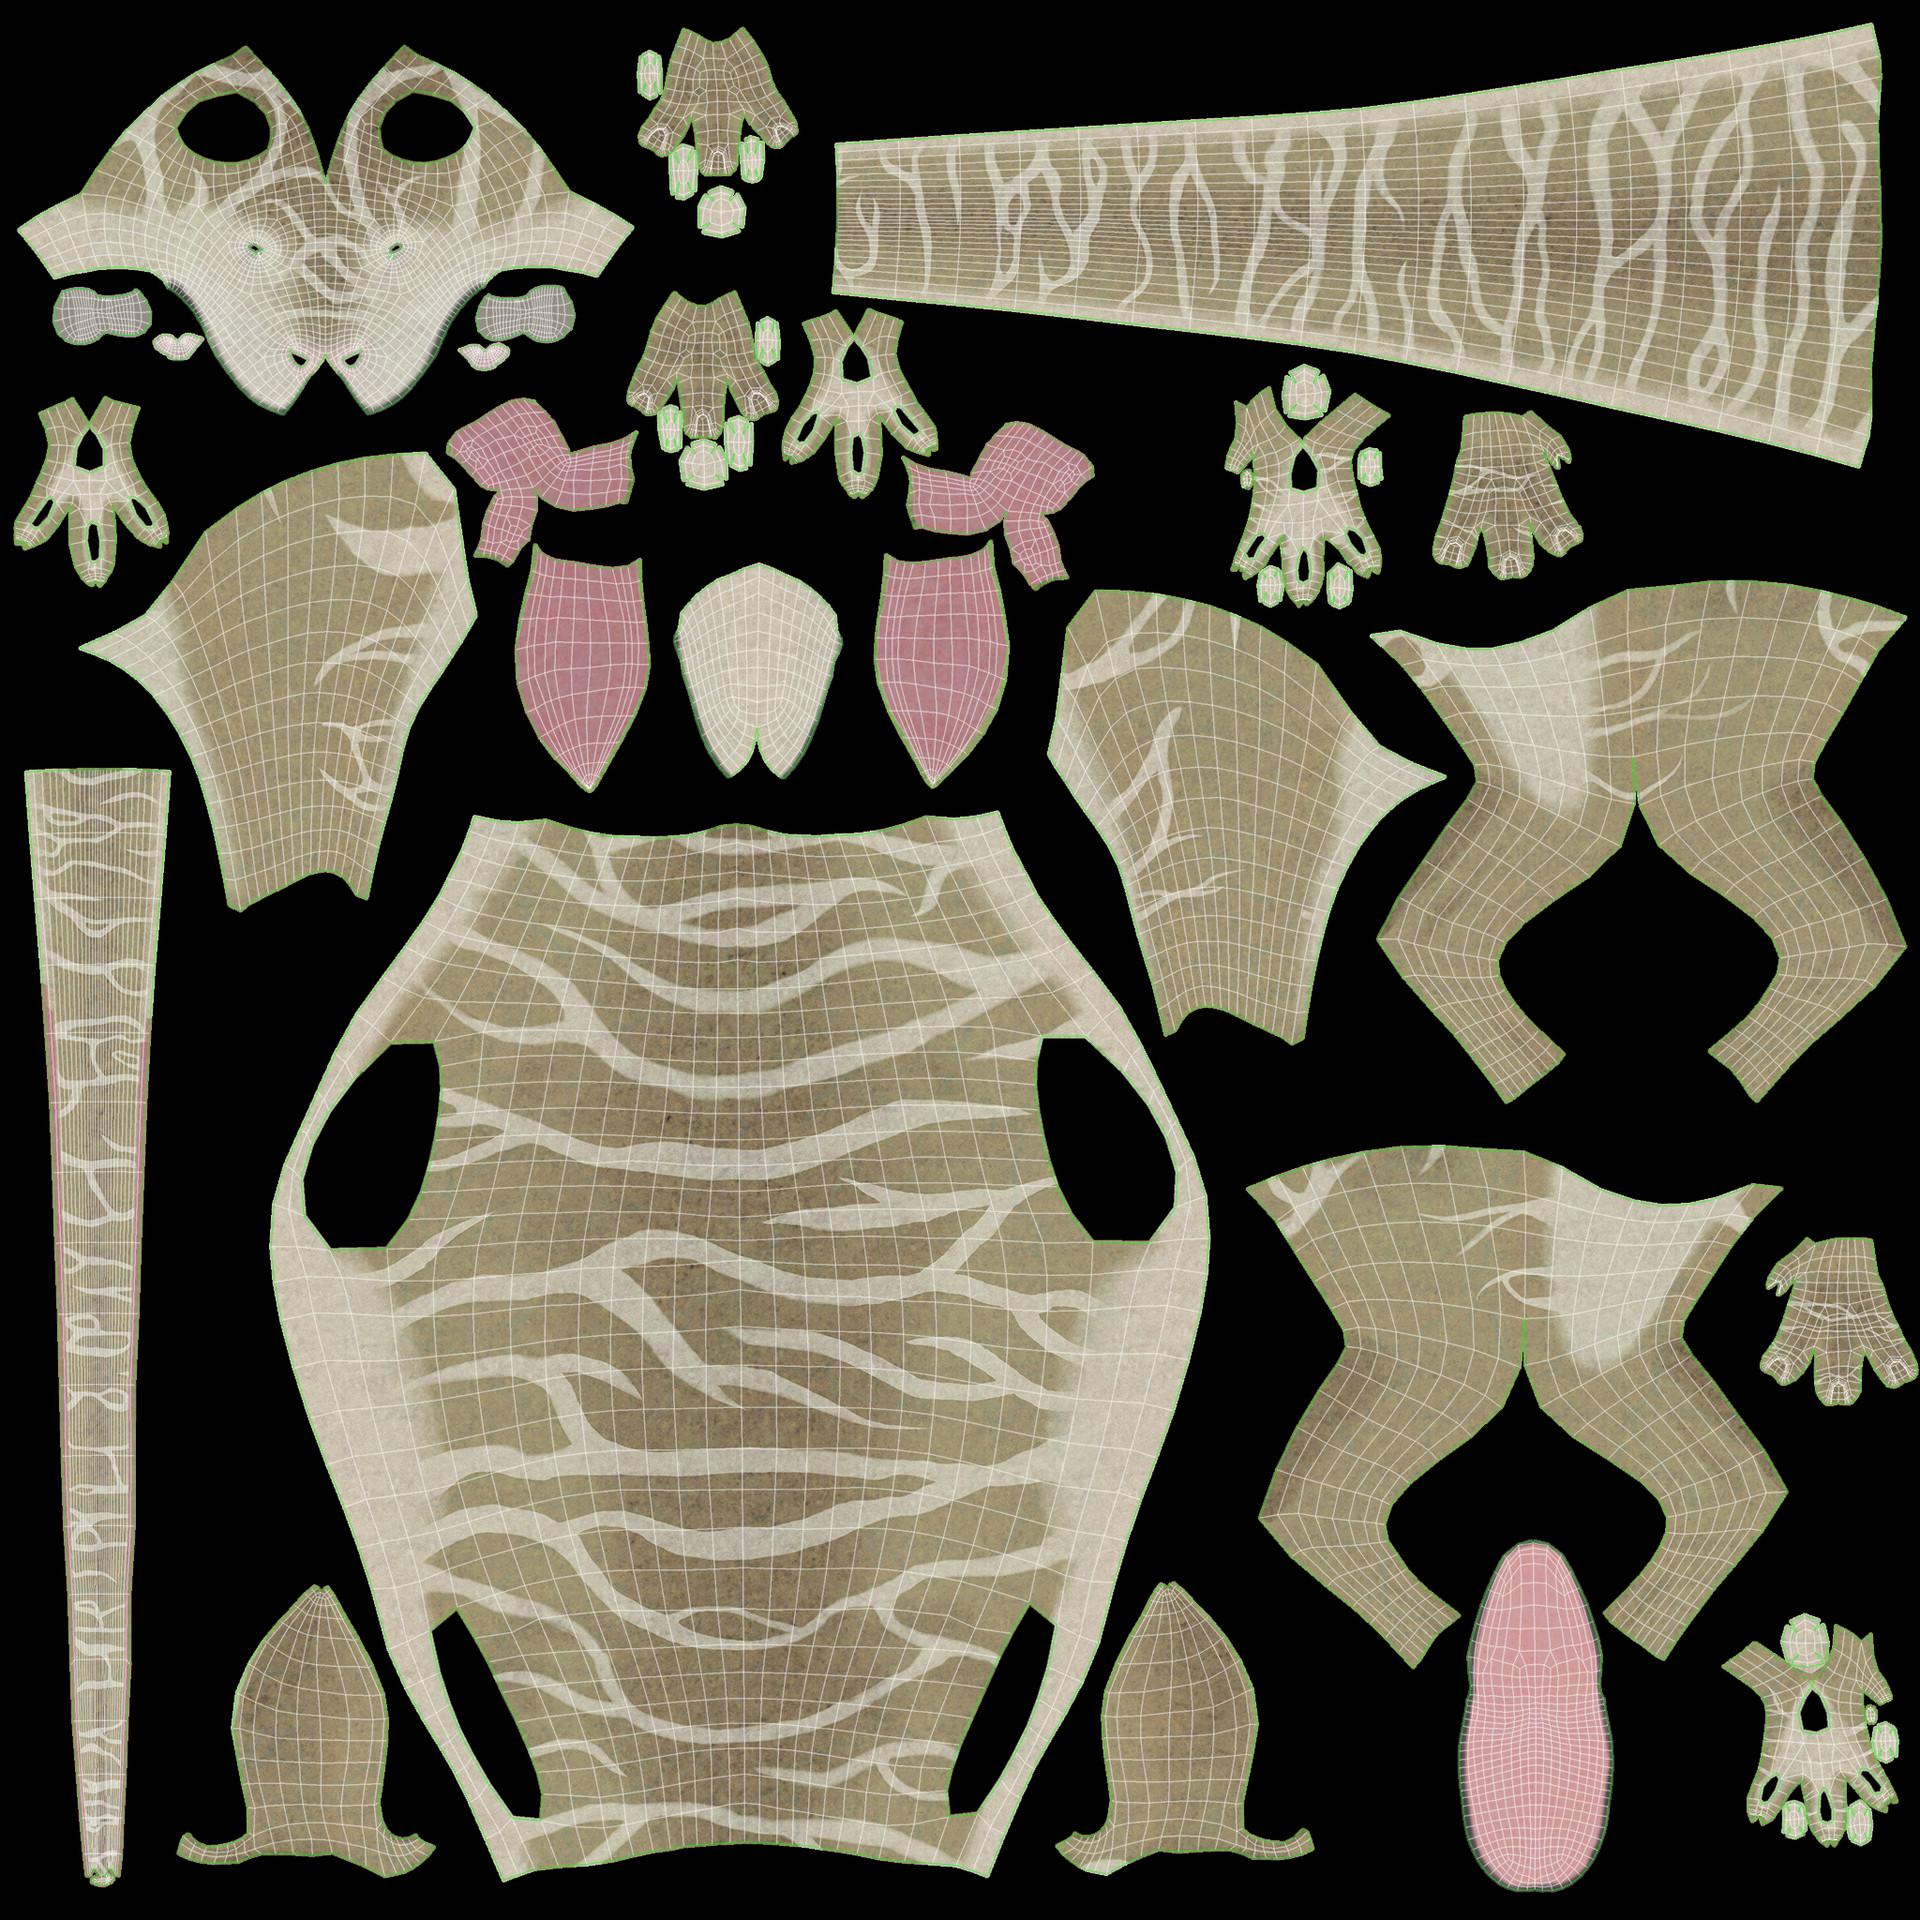 Eusebio hb textures